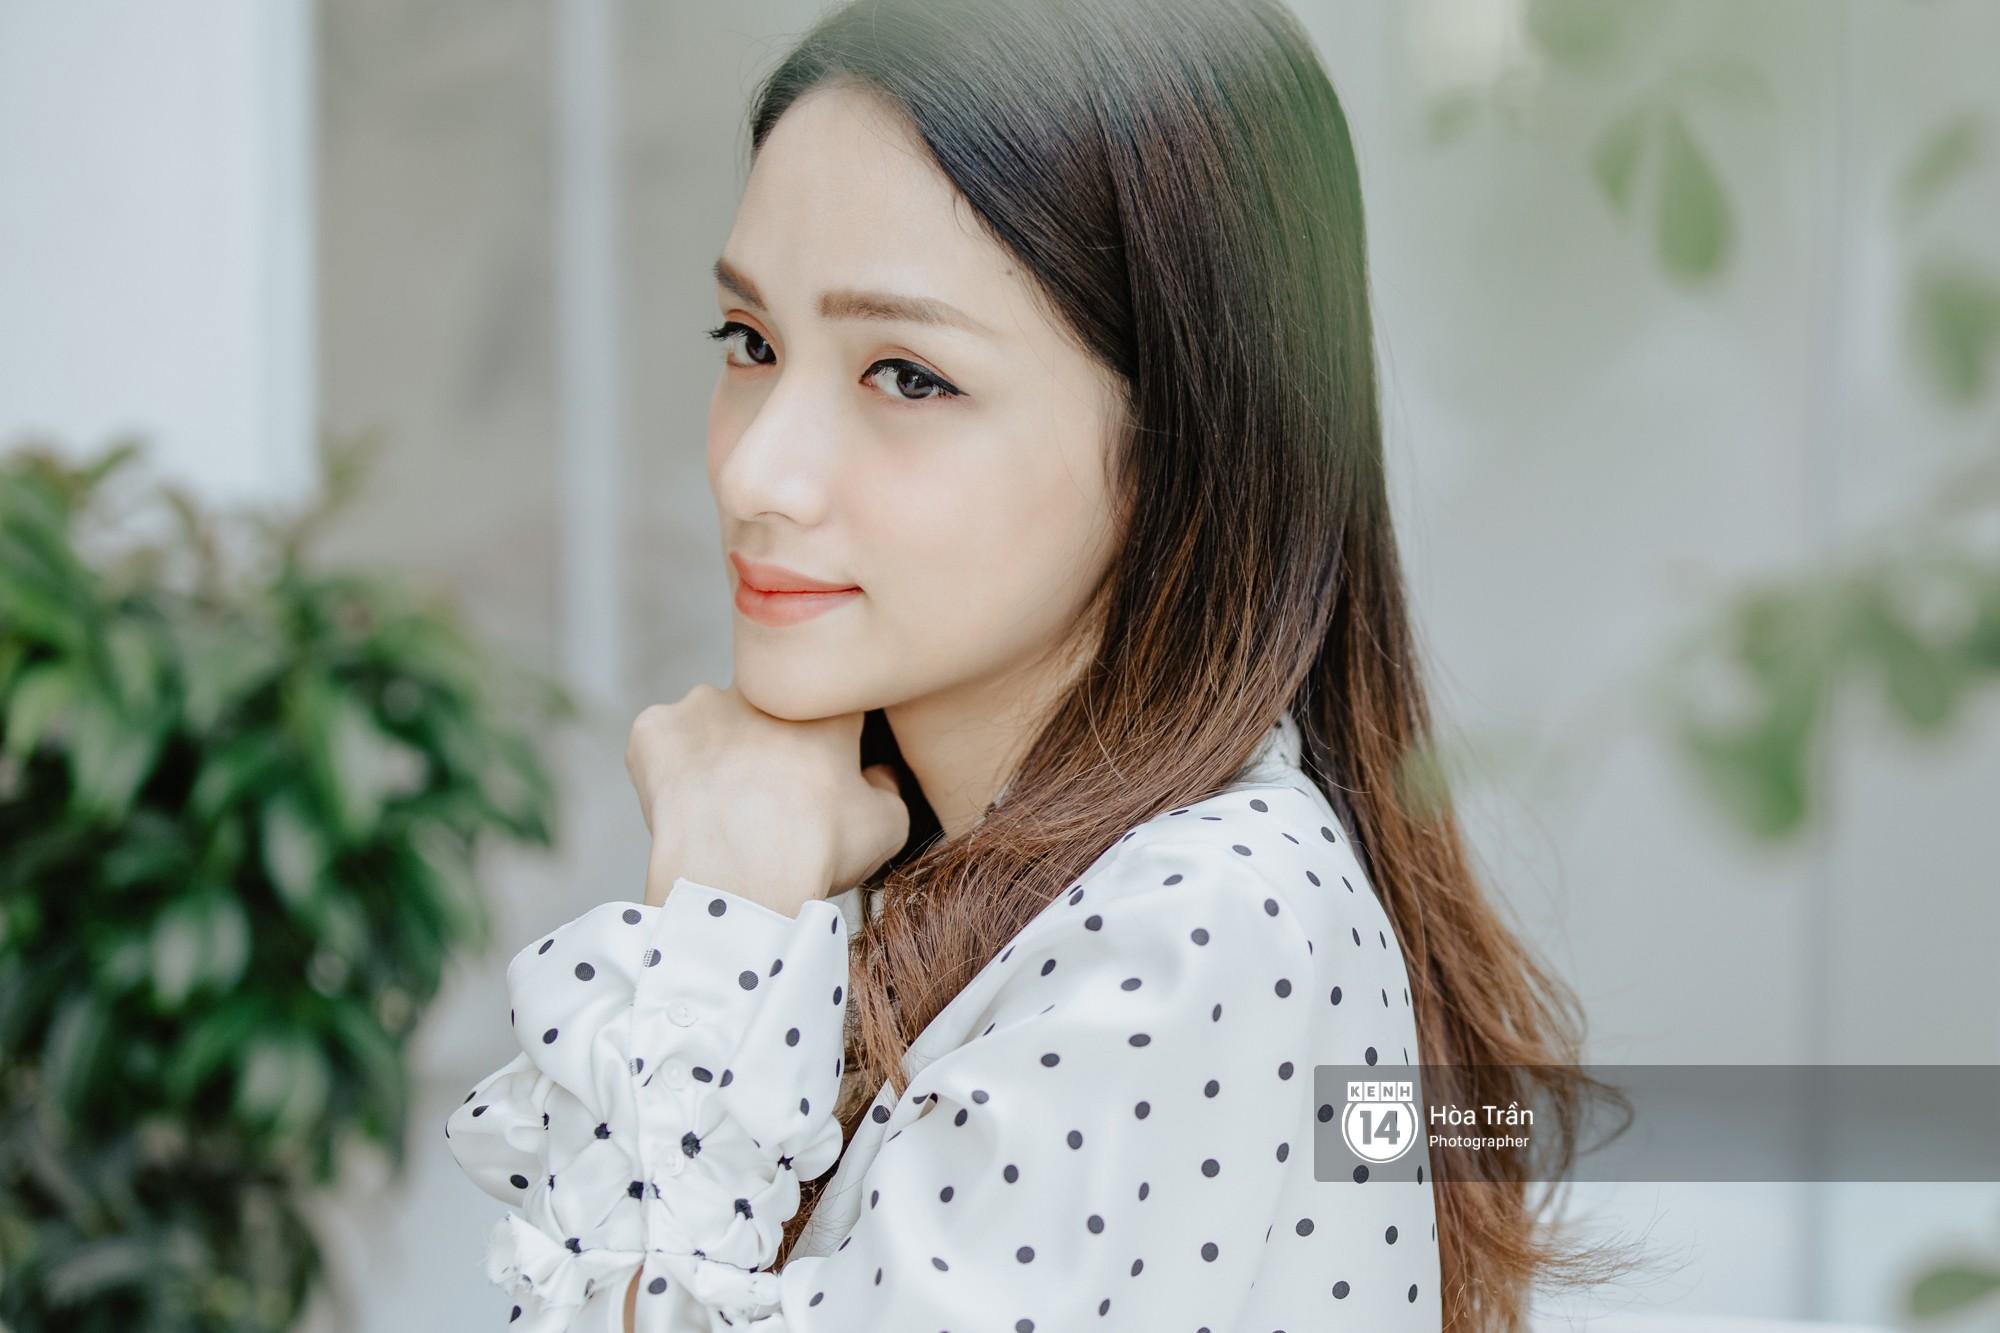 Hoa hậu Hương Giang: Người chuyển giới cứ lựa chọn người phù hợp đi. Đừng hết nạc vạc đến xương! - Ảnh 1.